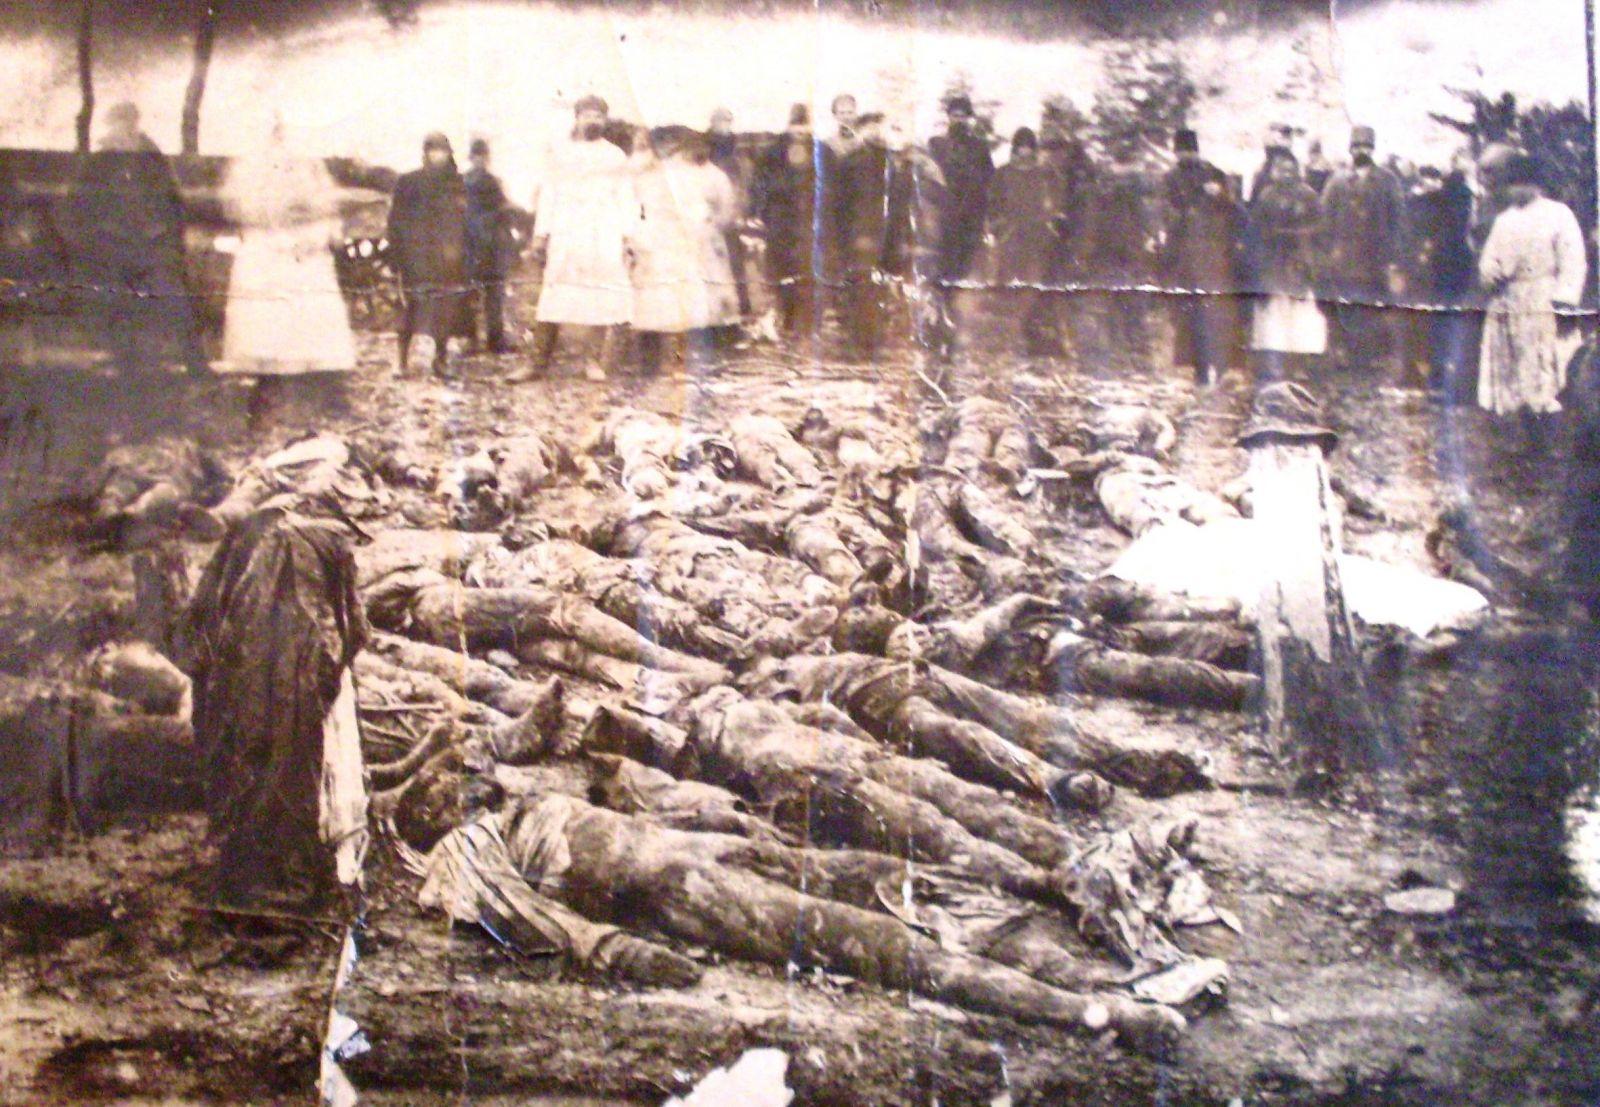 Відвідування клубу для декого закінчилося ось так. Розкопки жертв білого терору у Григорівському лісі. Грудень 1919-го